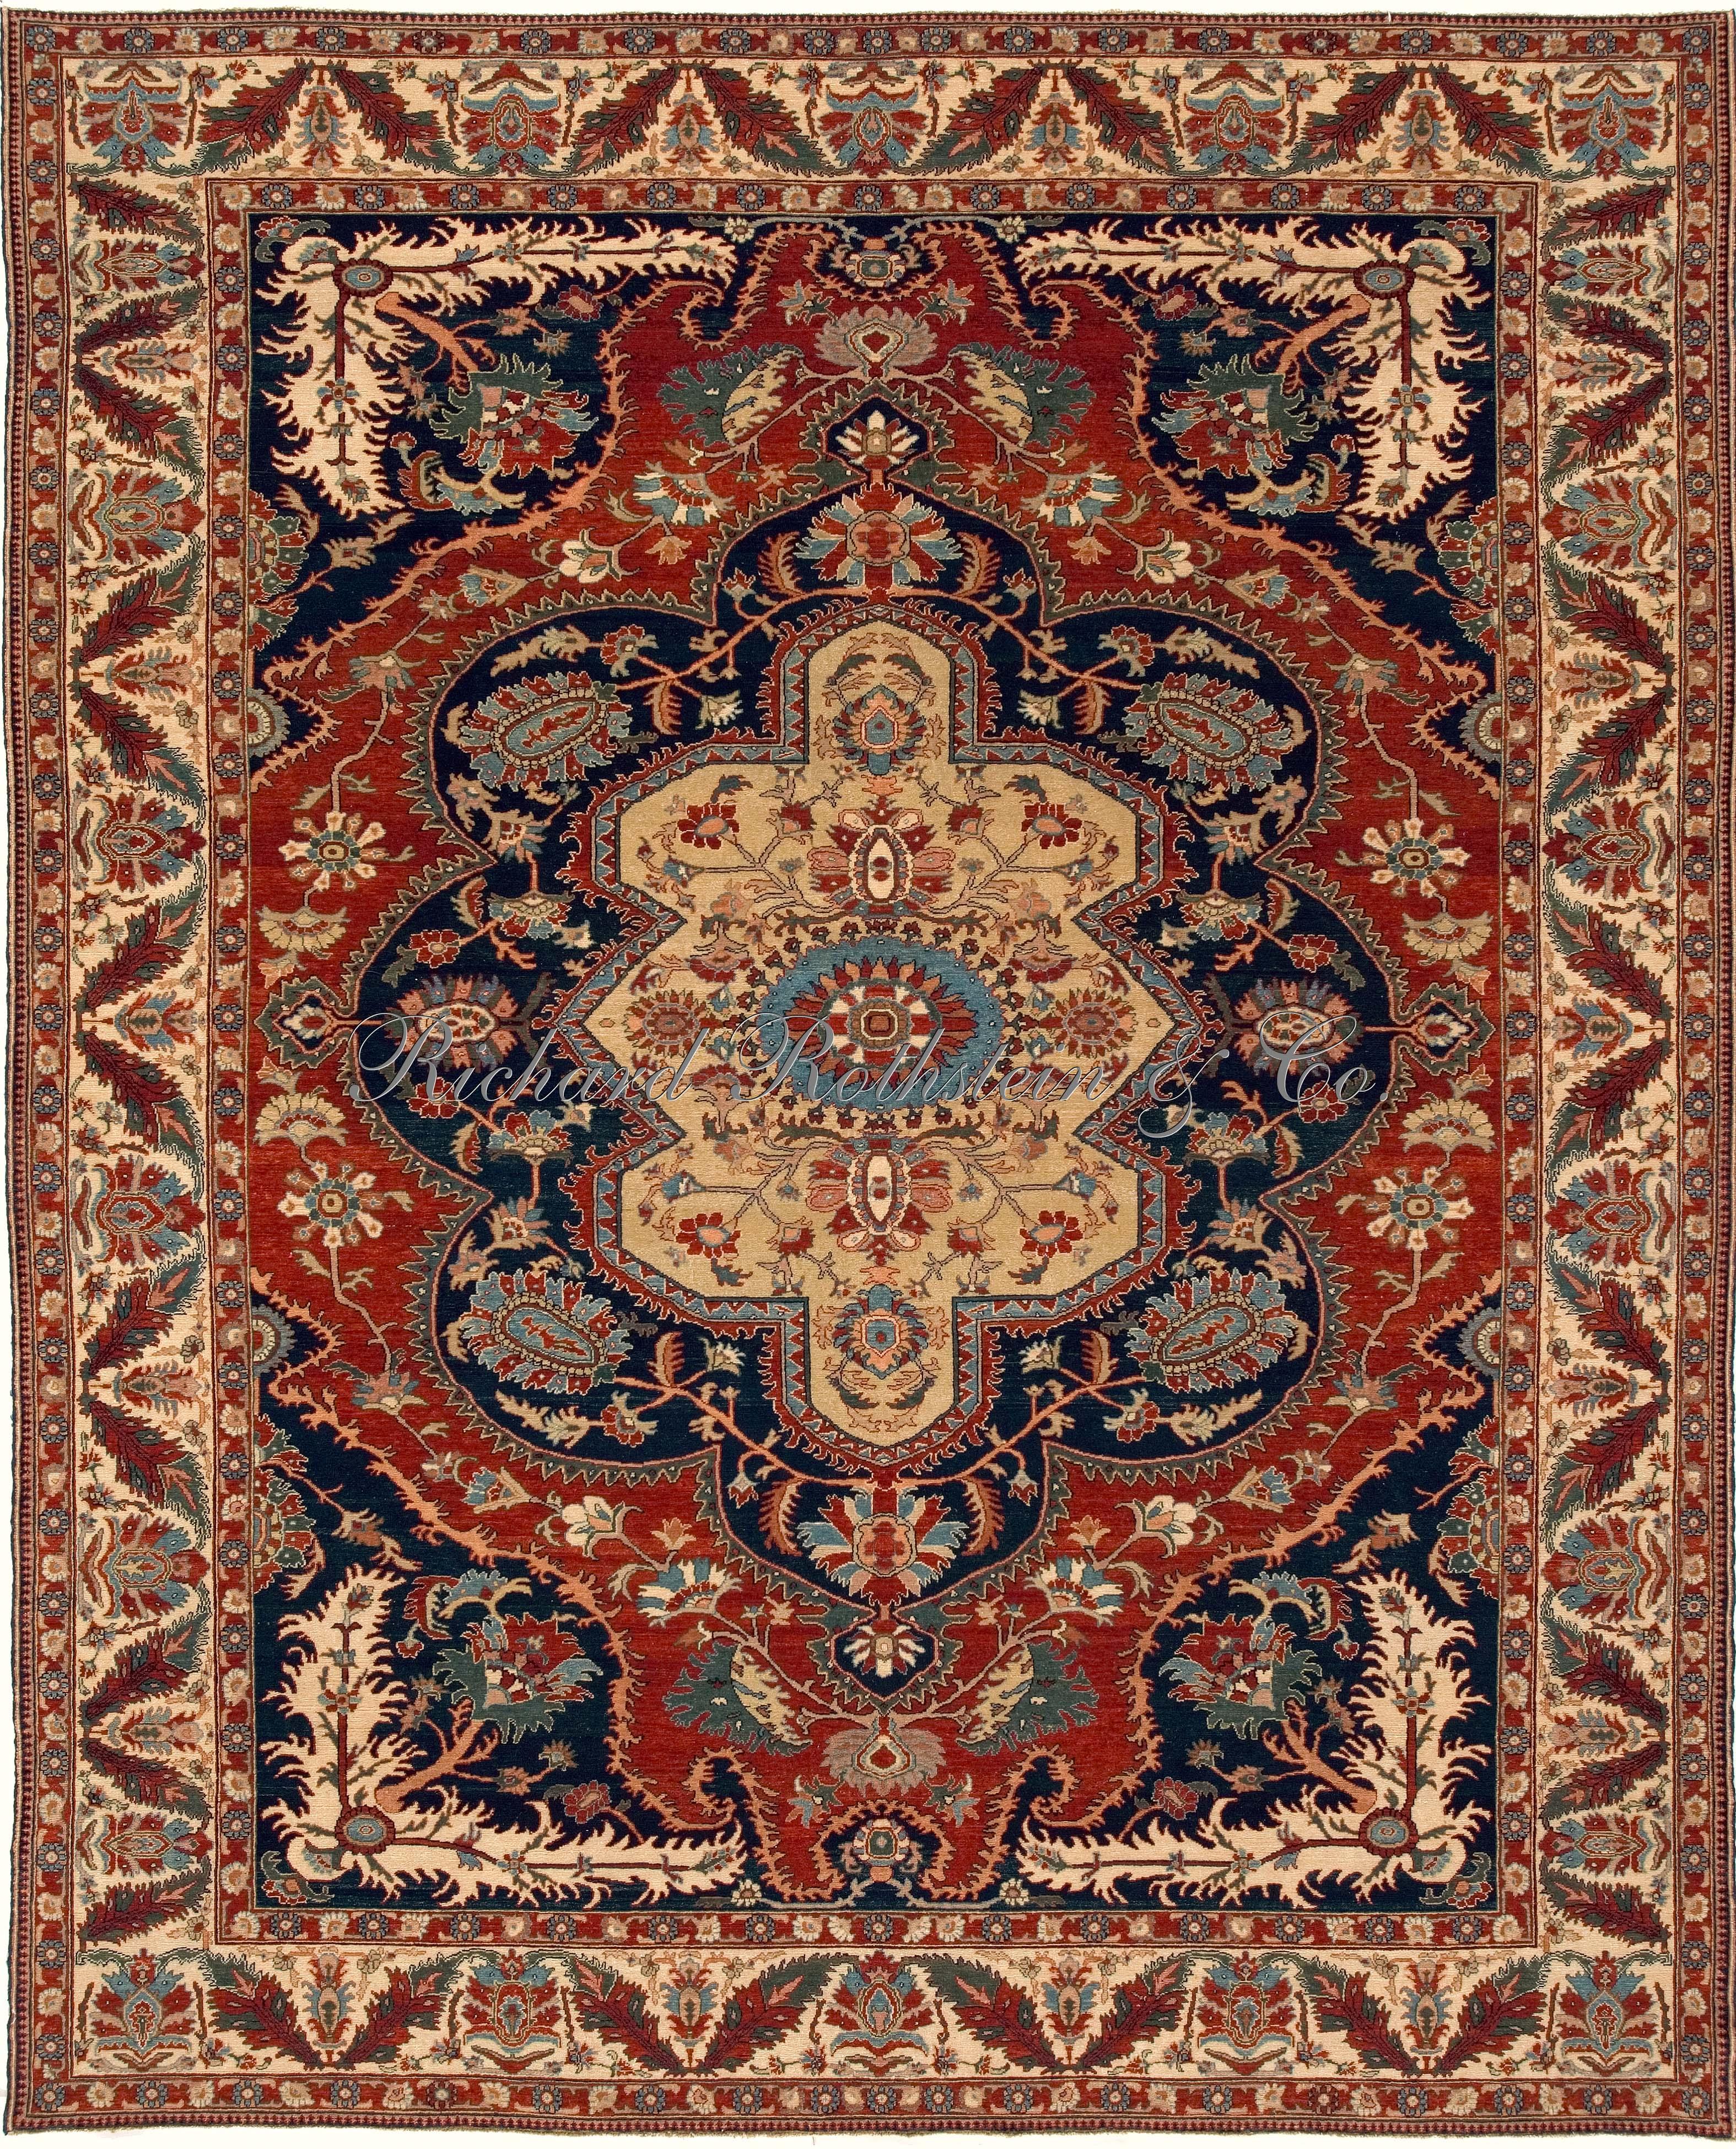 HQ Tabriz Wallpapers | File 2878.9Kb